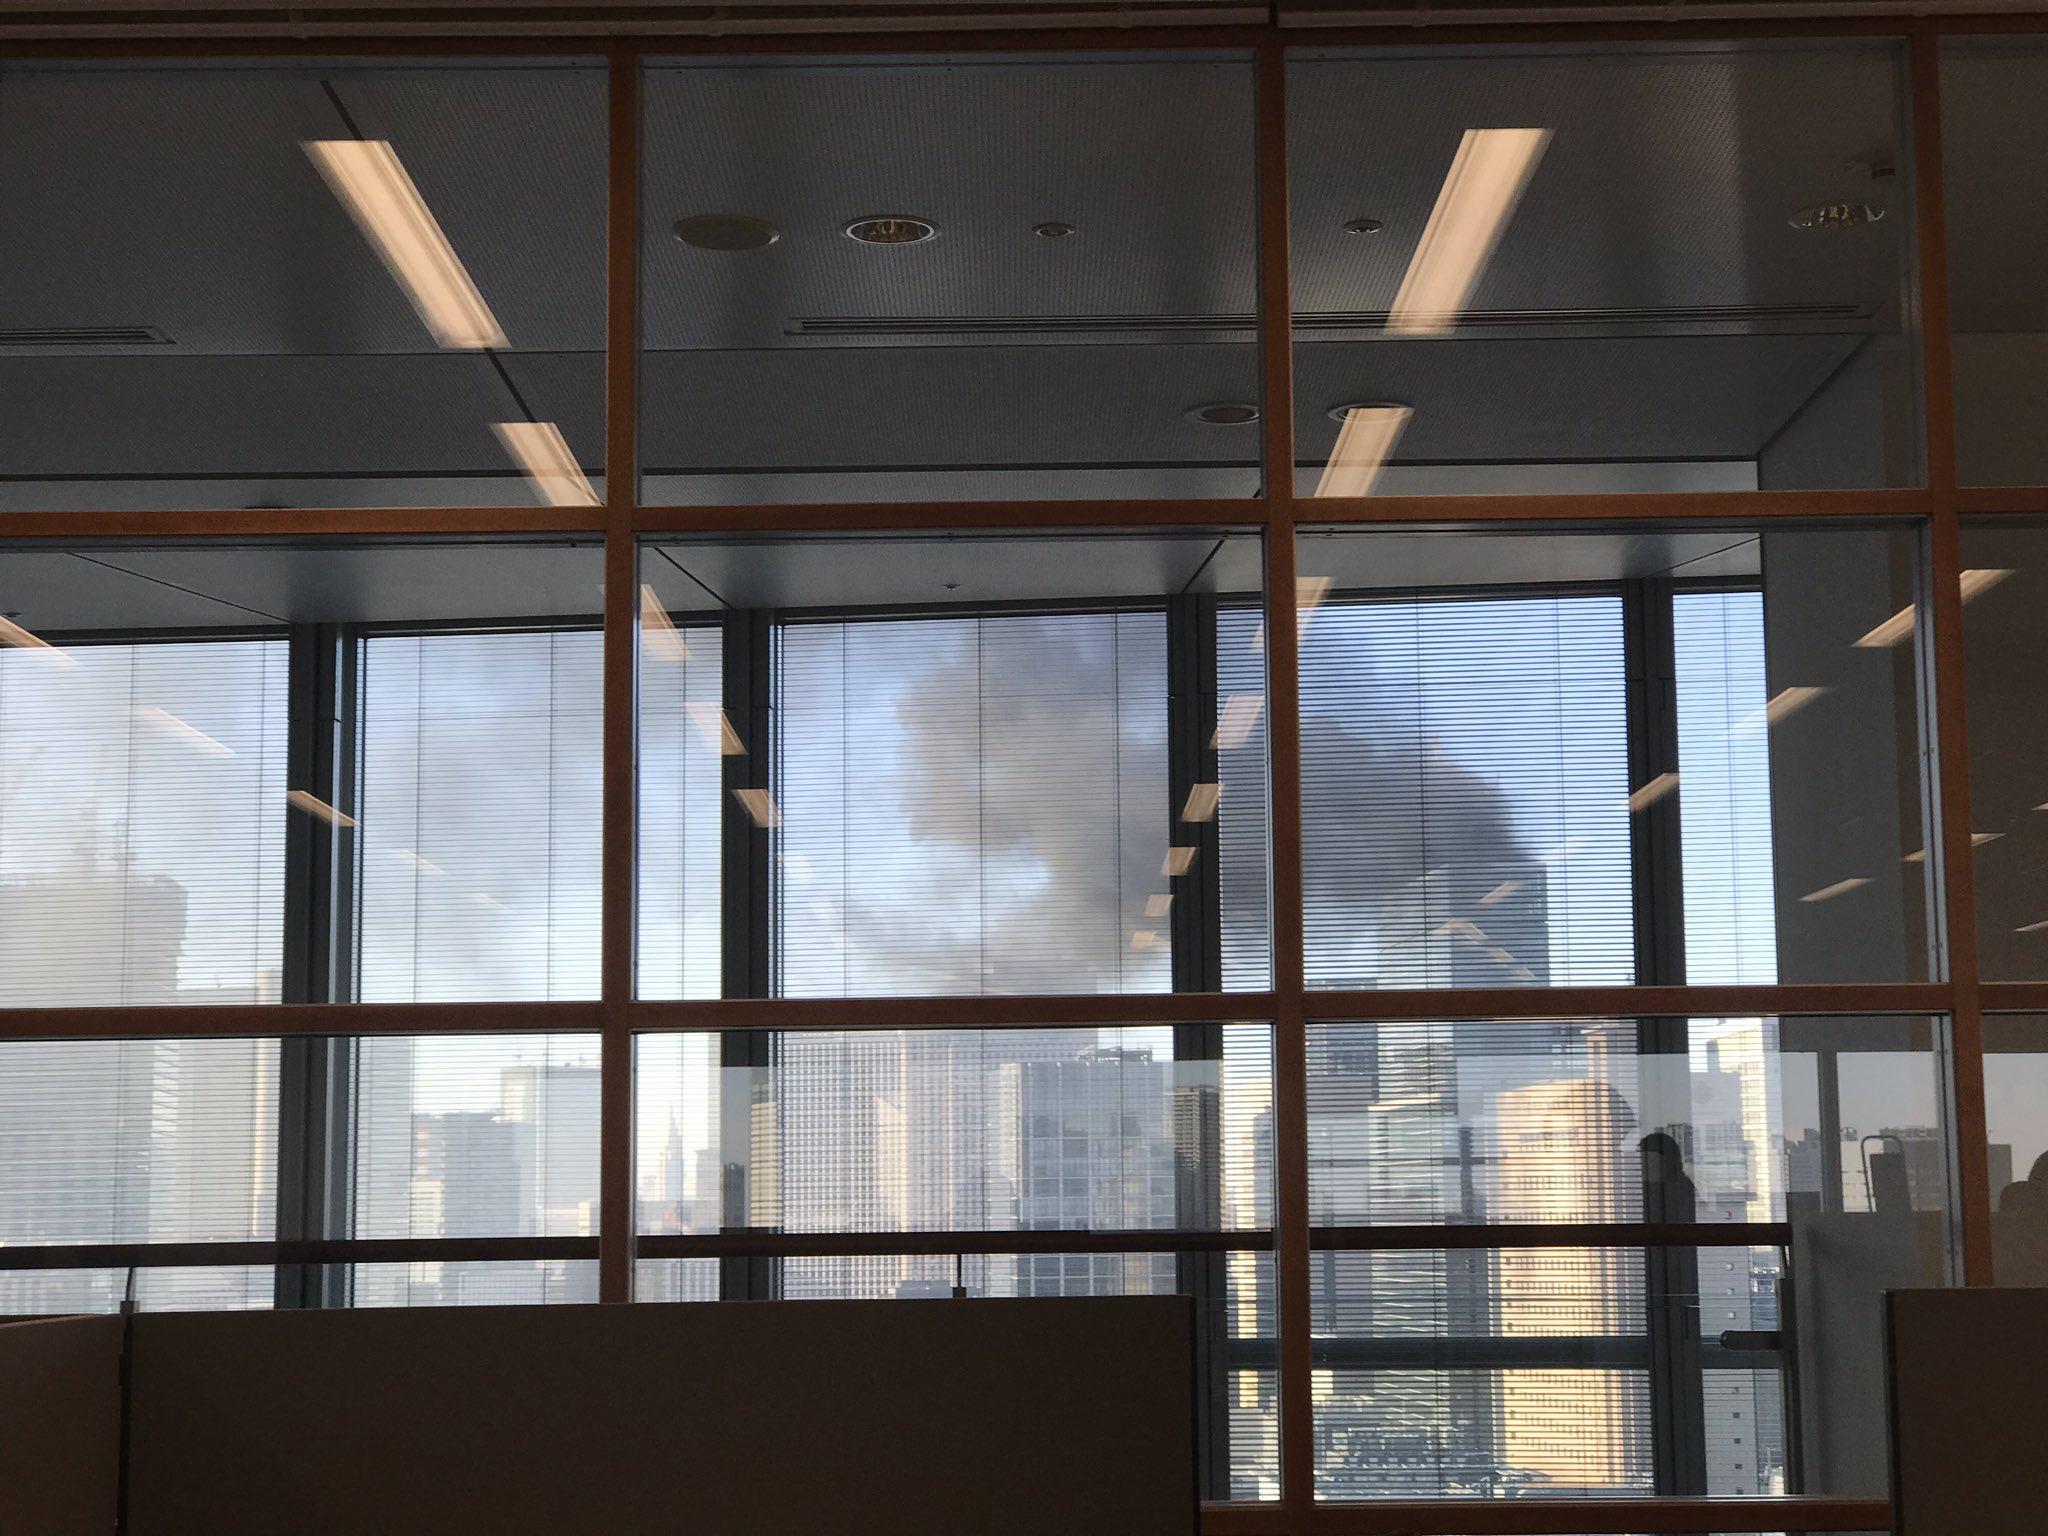 画像,ビルから凄い煙が。#火事#煙#新橋 https://t.co/vBYmBENgpE。